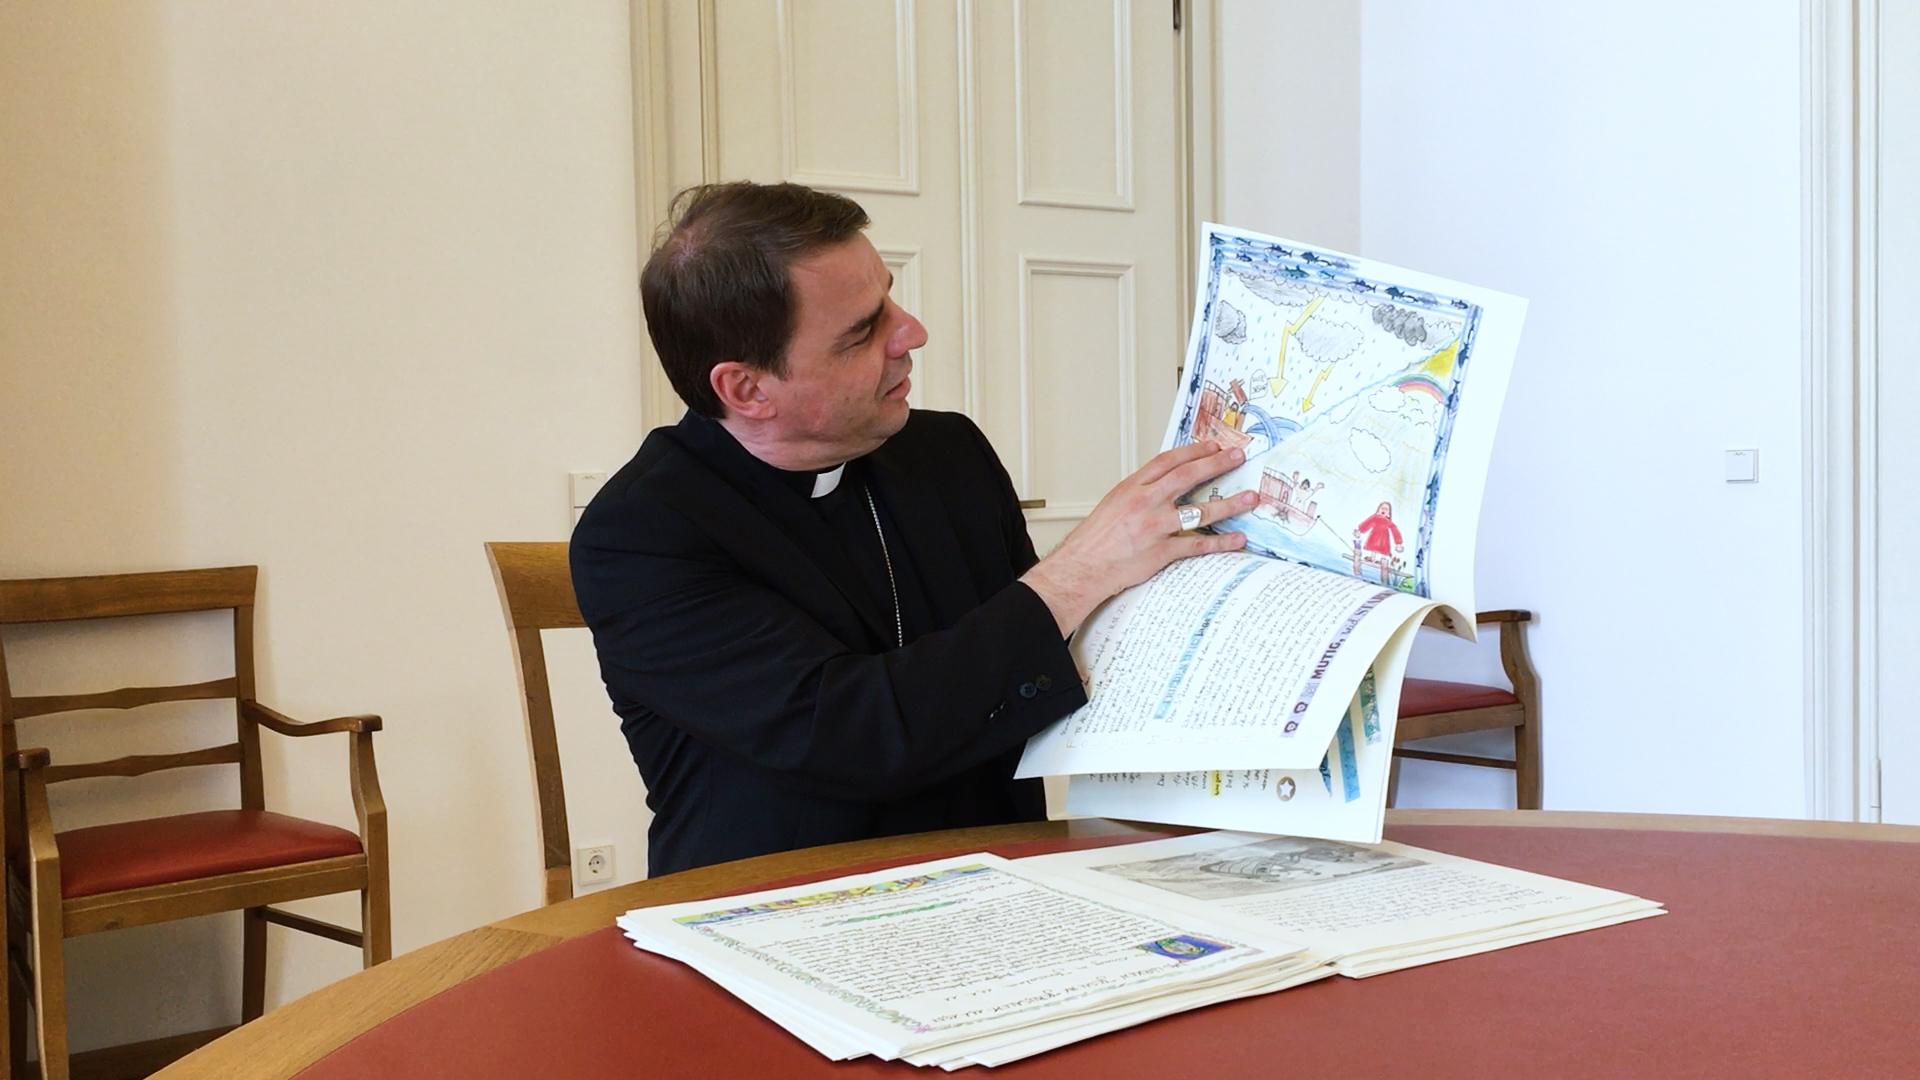 200707 Bischofsgruss Heilig Schueler Schrift thumb1